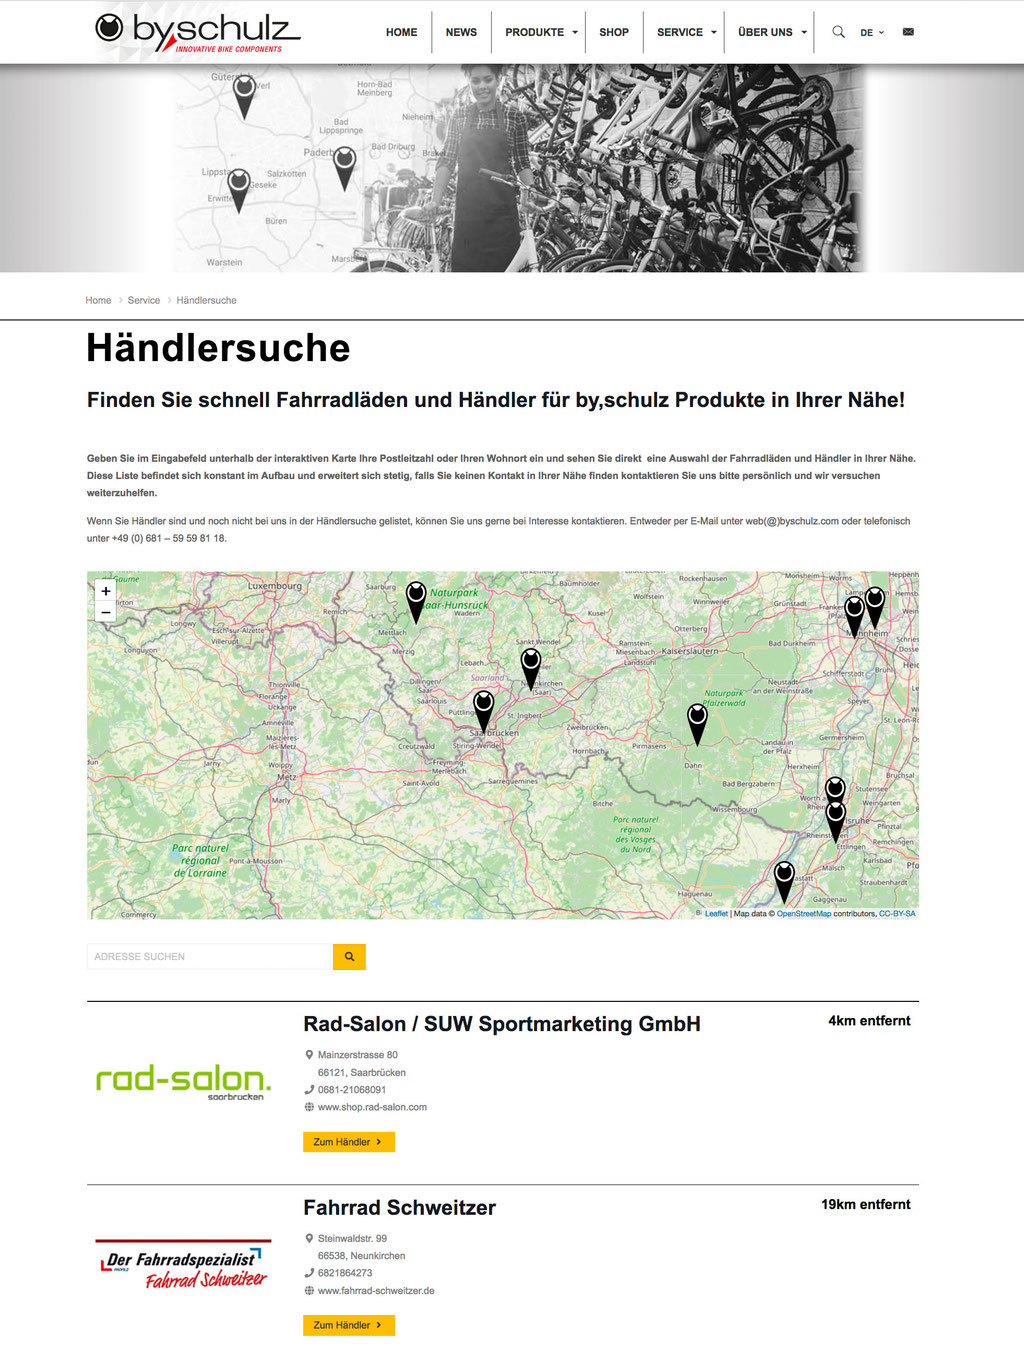 Händlersuche by.schulz